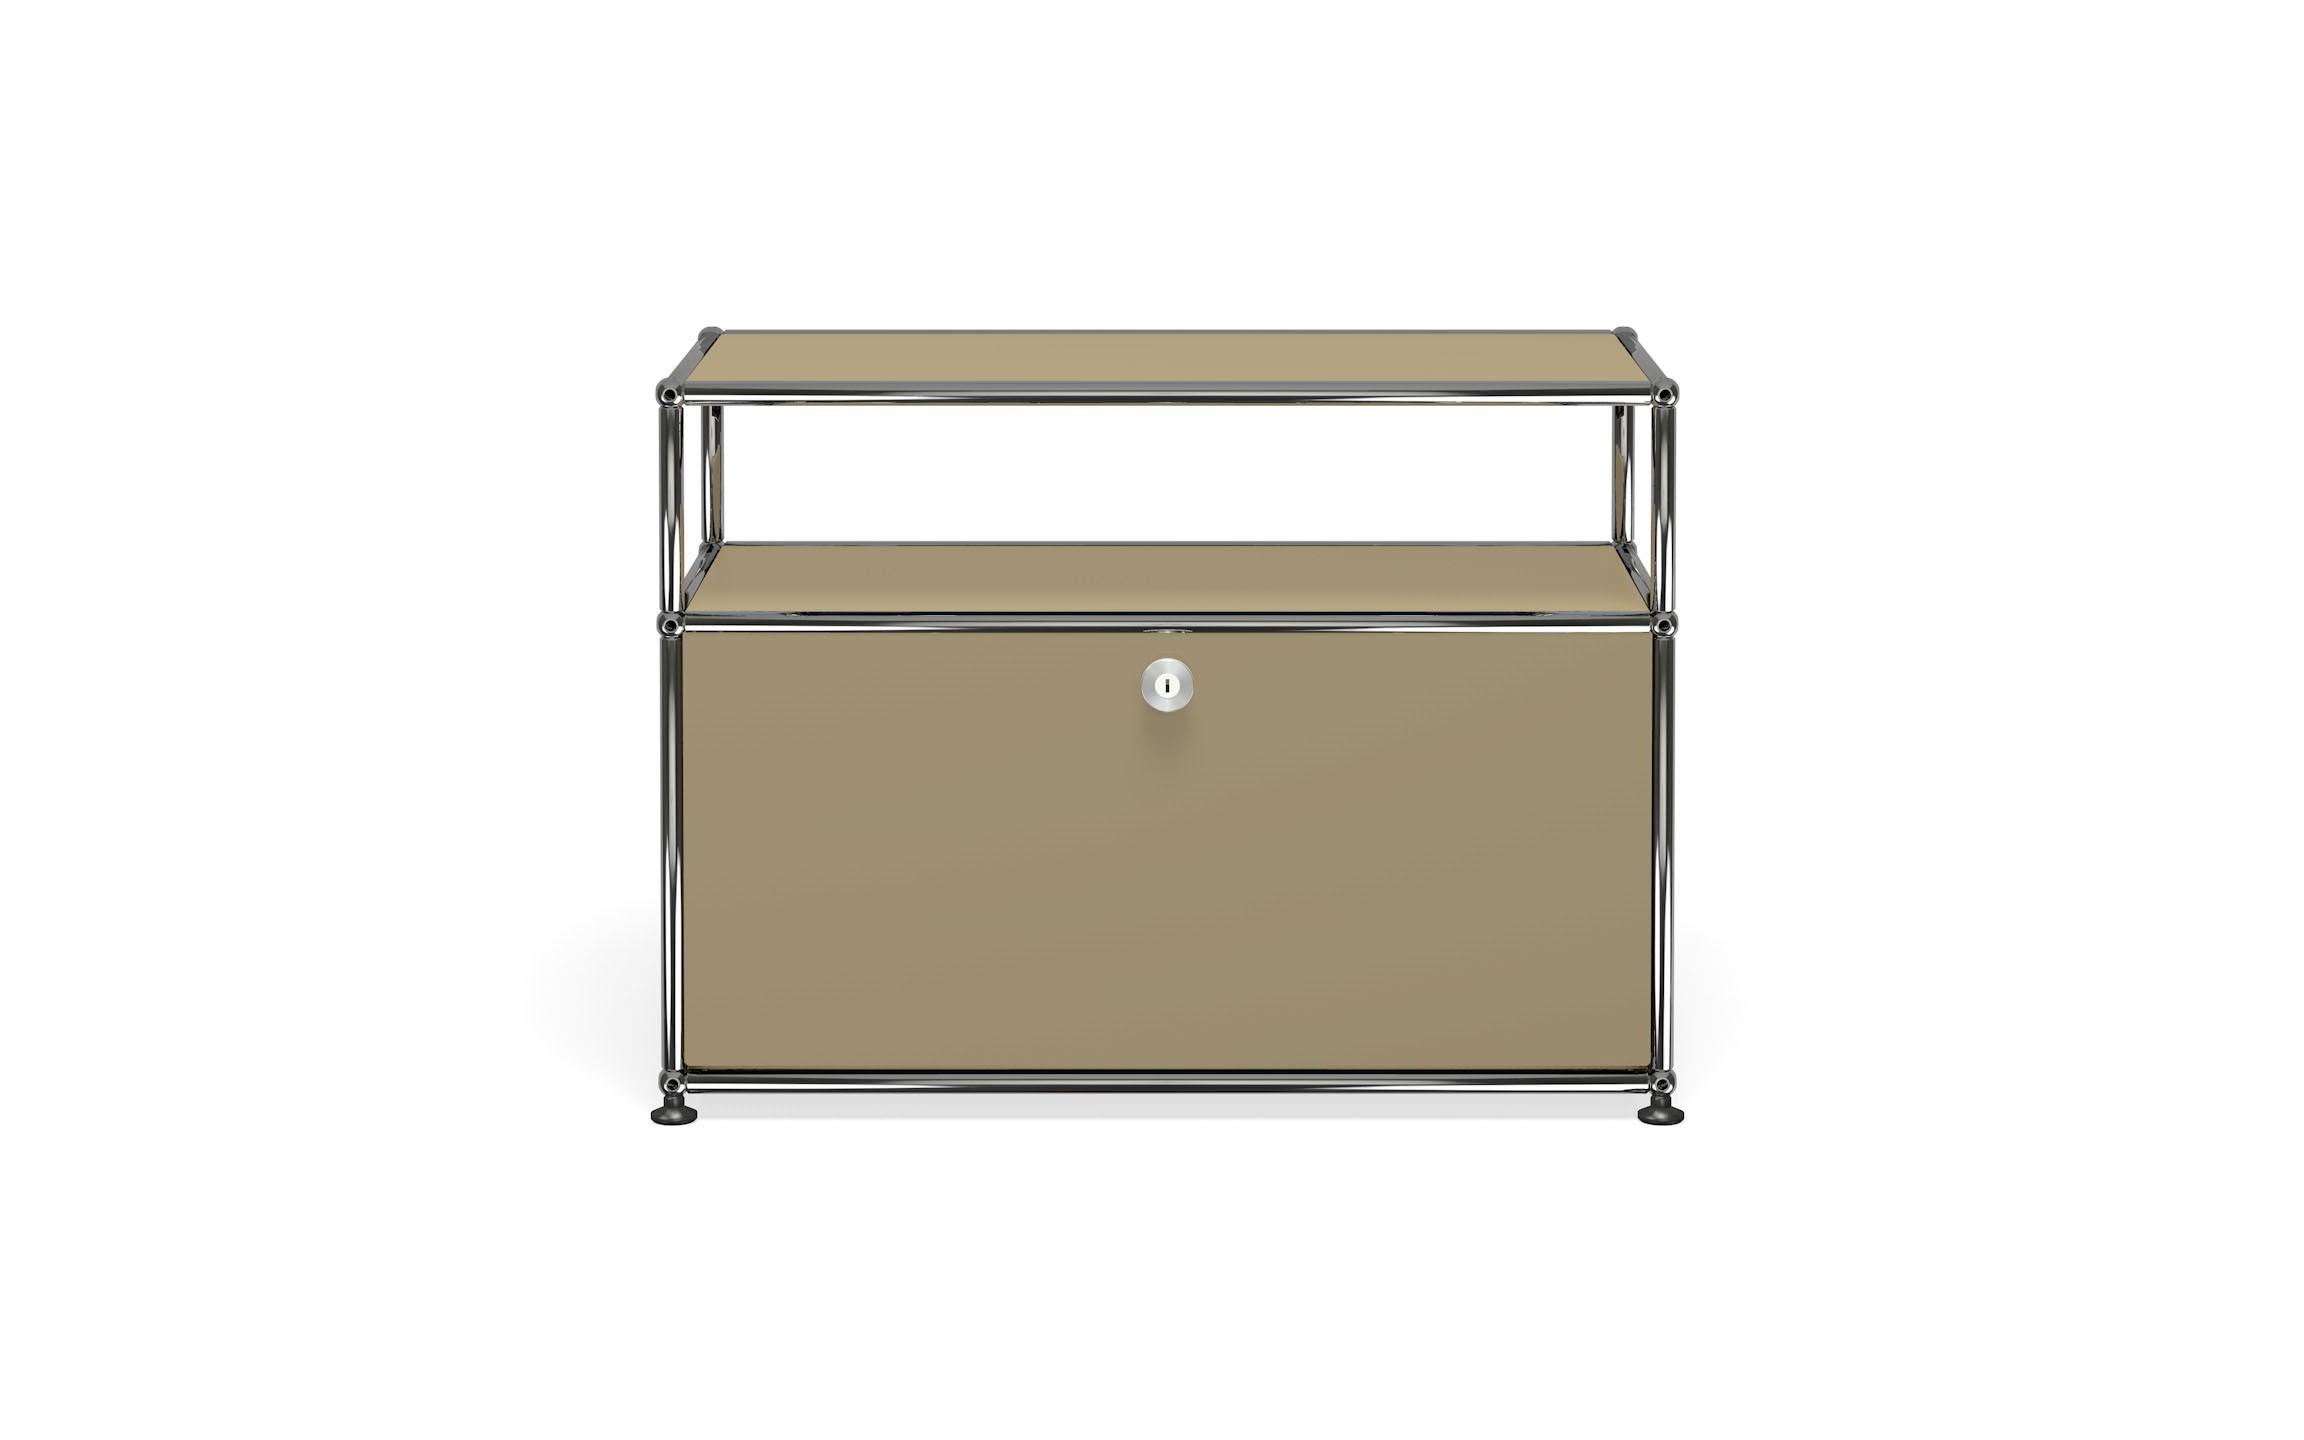 petit meuble de rangement usm haller m6 beige usm. Black Bedroom Furniture Sets. Home Design Ideas